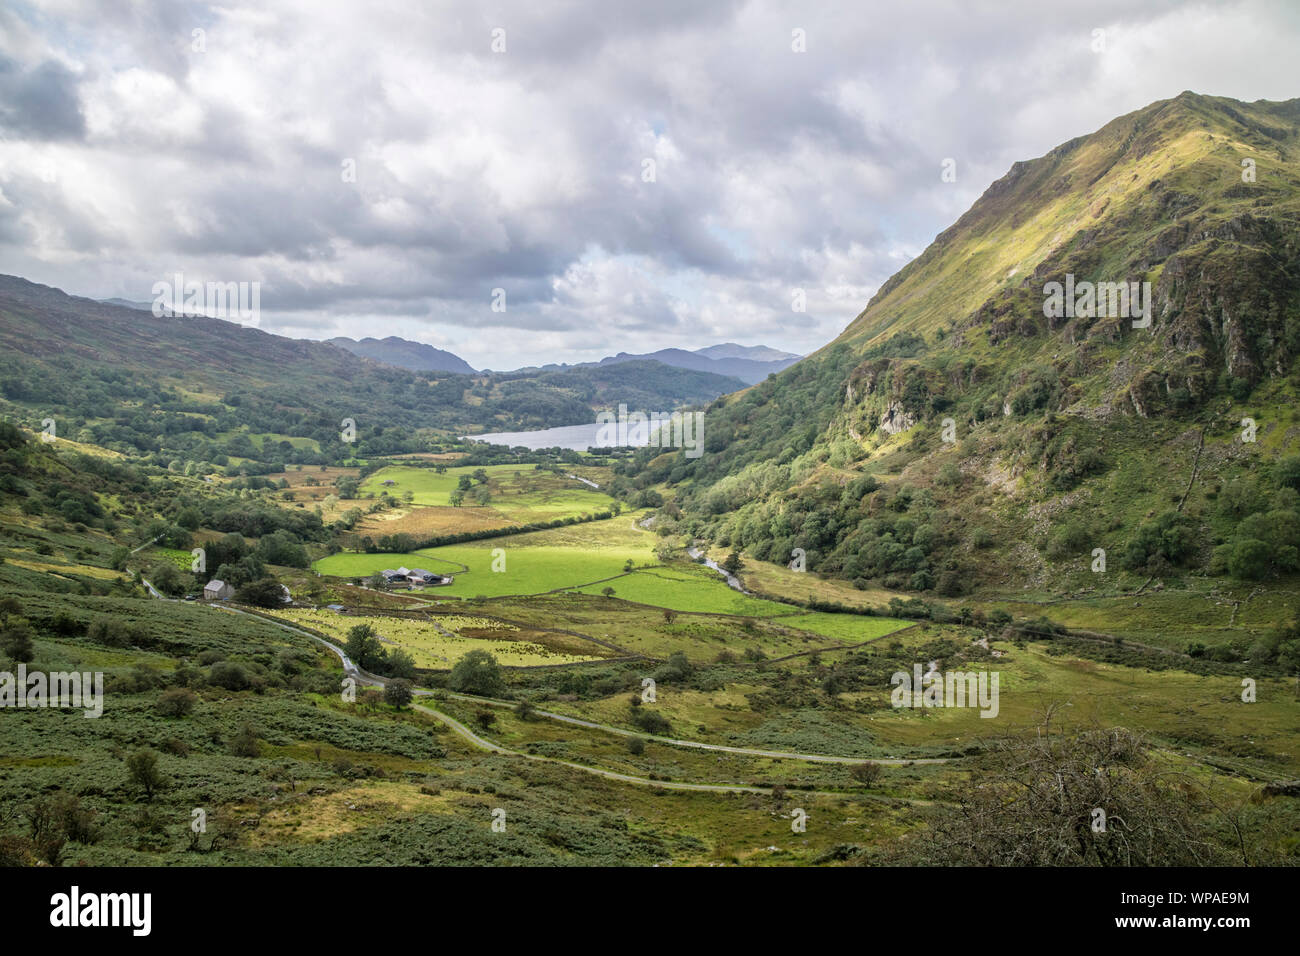 Looking down the Nant Gwynant valley towards Llyn Gwynant, Snowdonia National Park, North Wales, UK Stock Photo